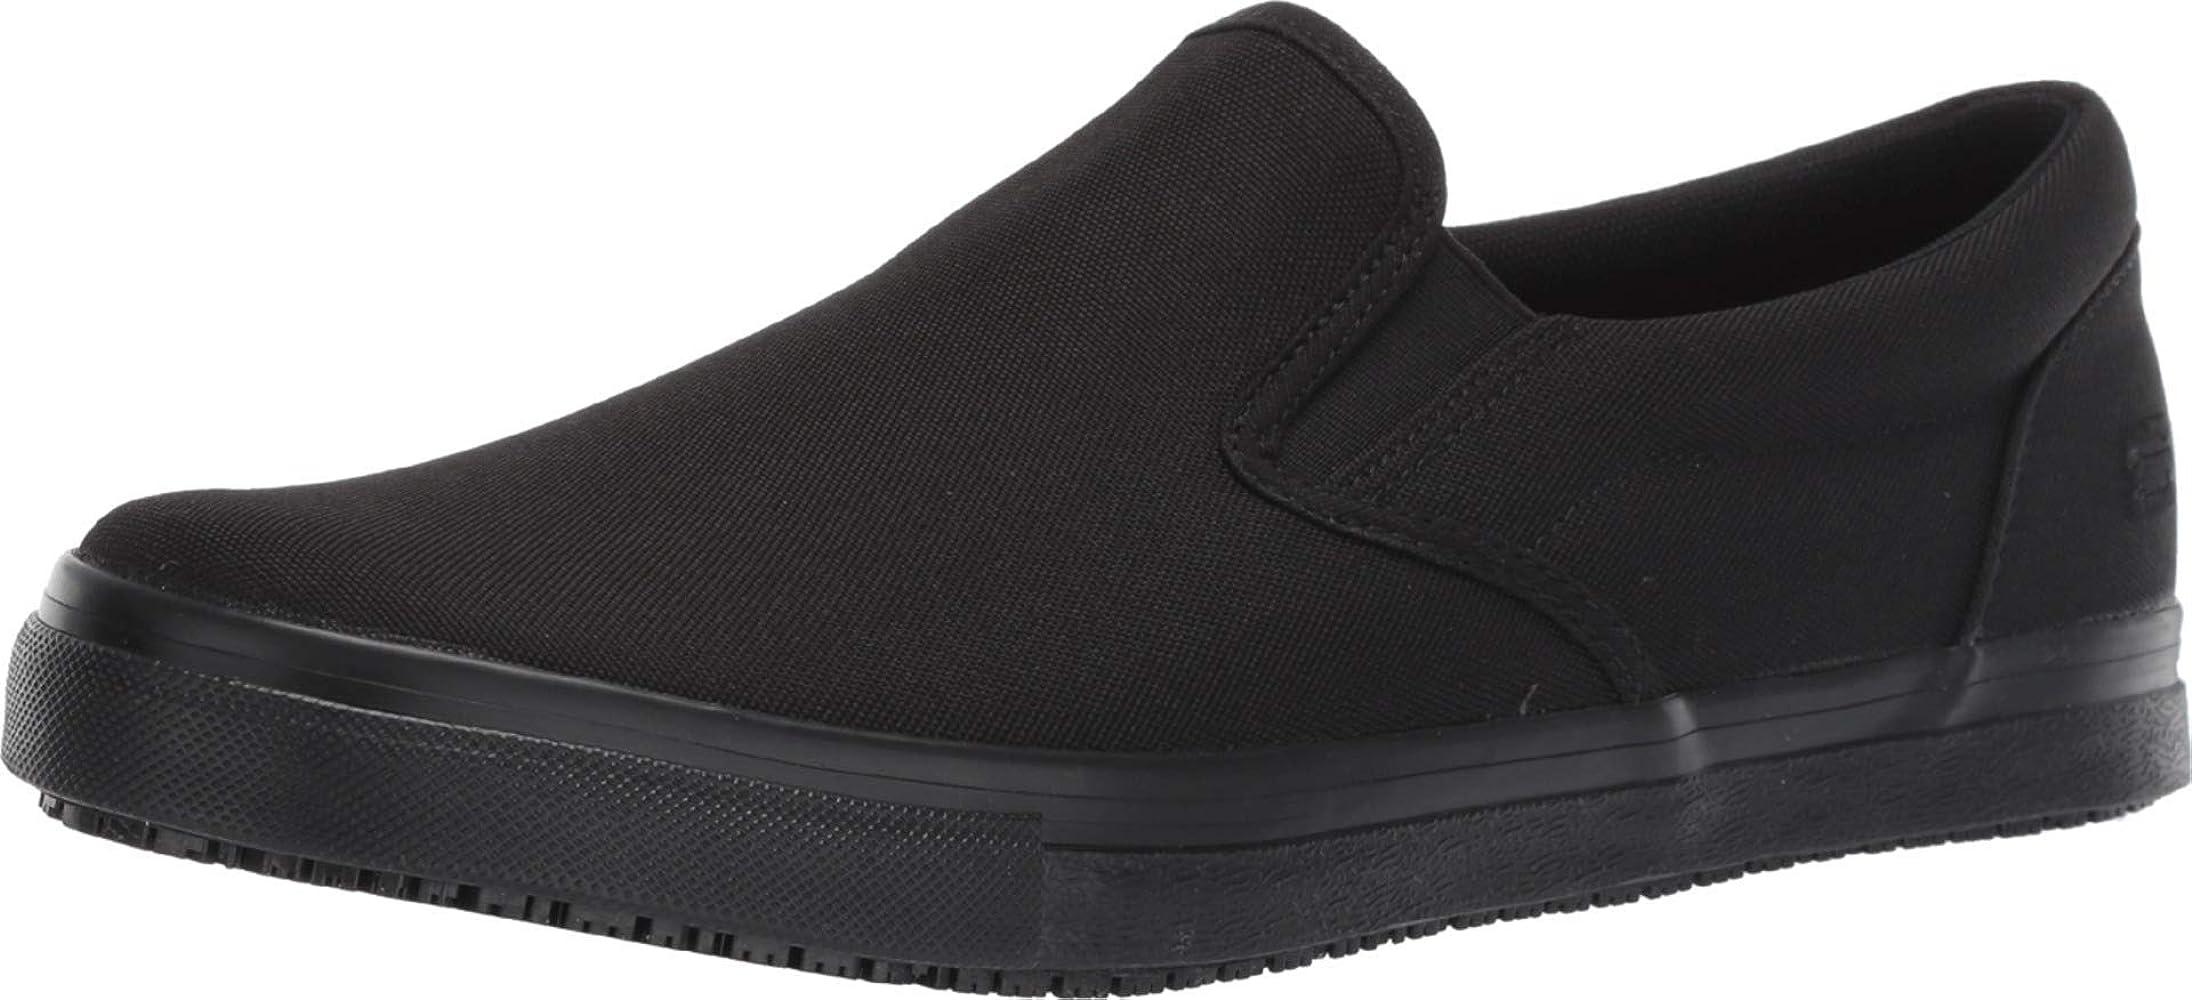 Sudler-Dedham Food Service Shoe